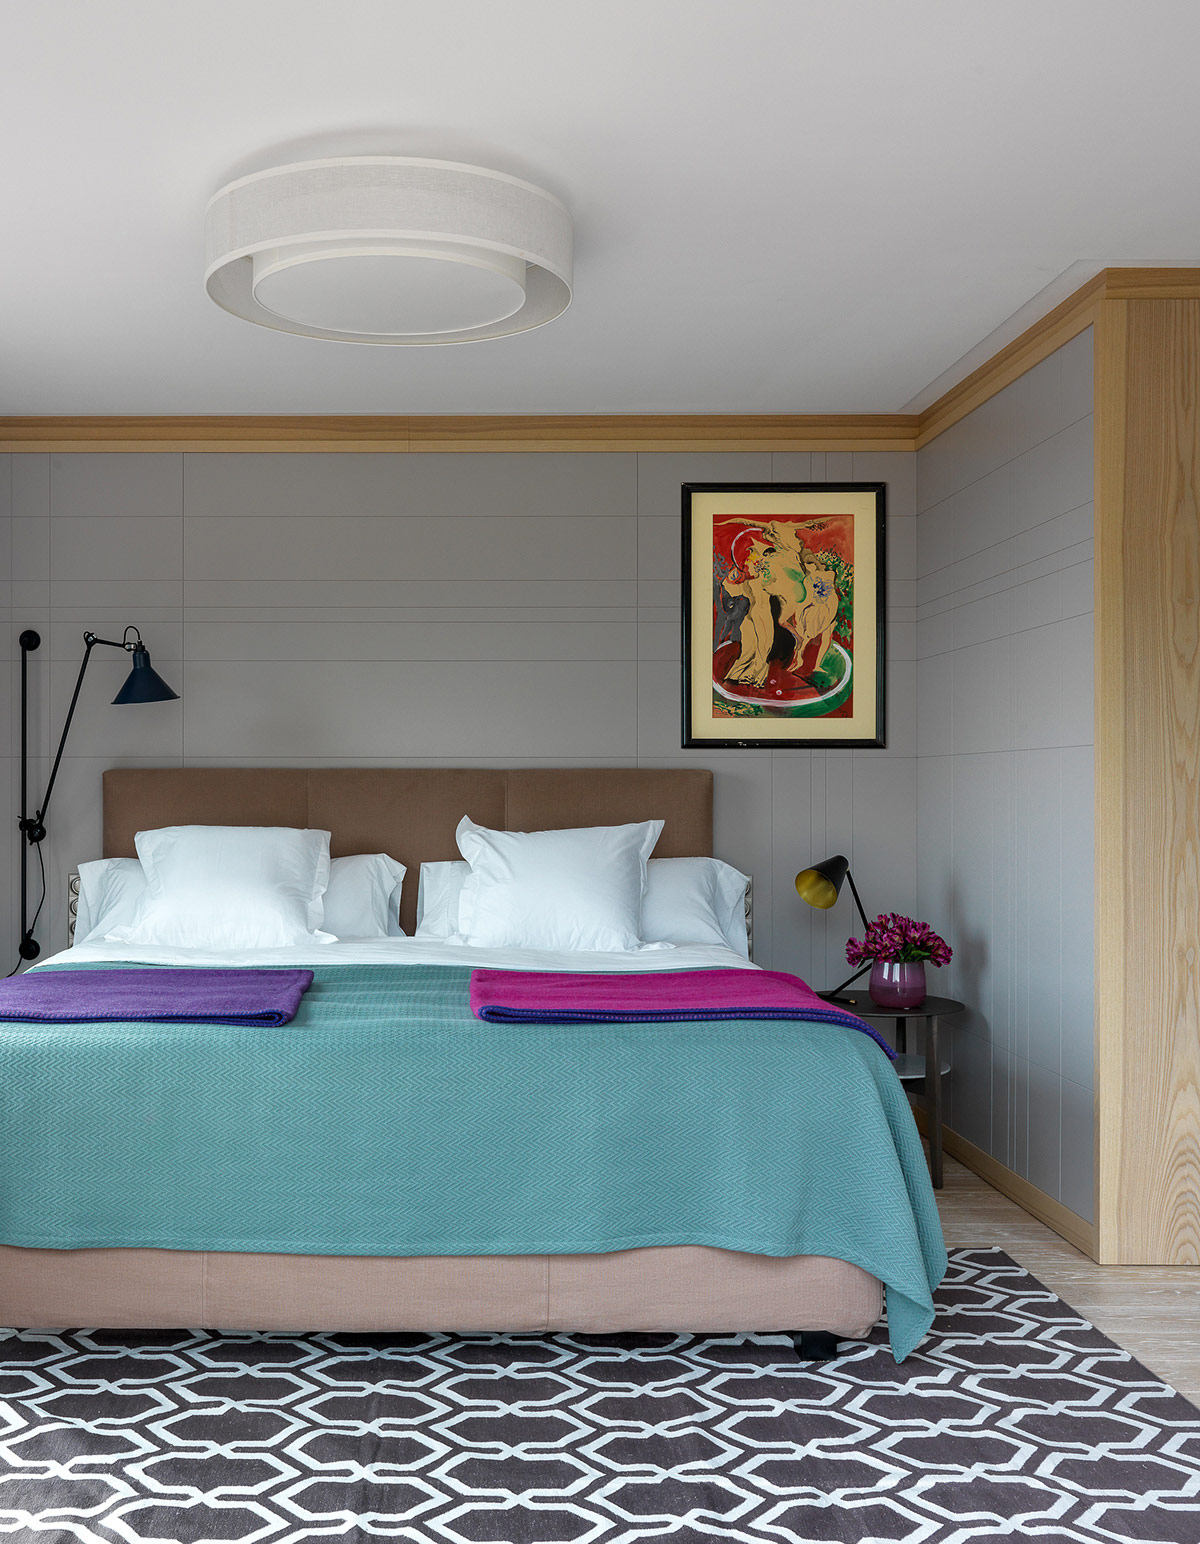 Радужный дом-мечта в Барселоне: Фотообзор